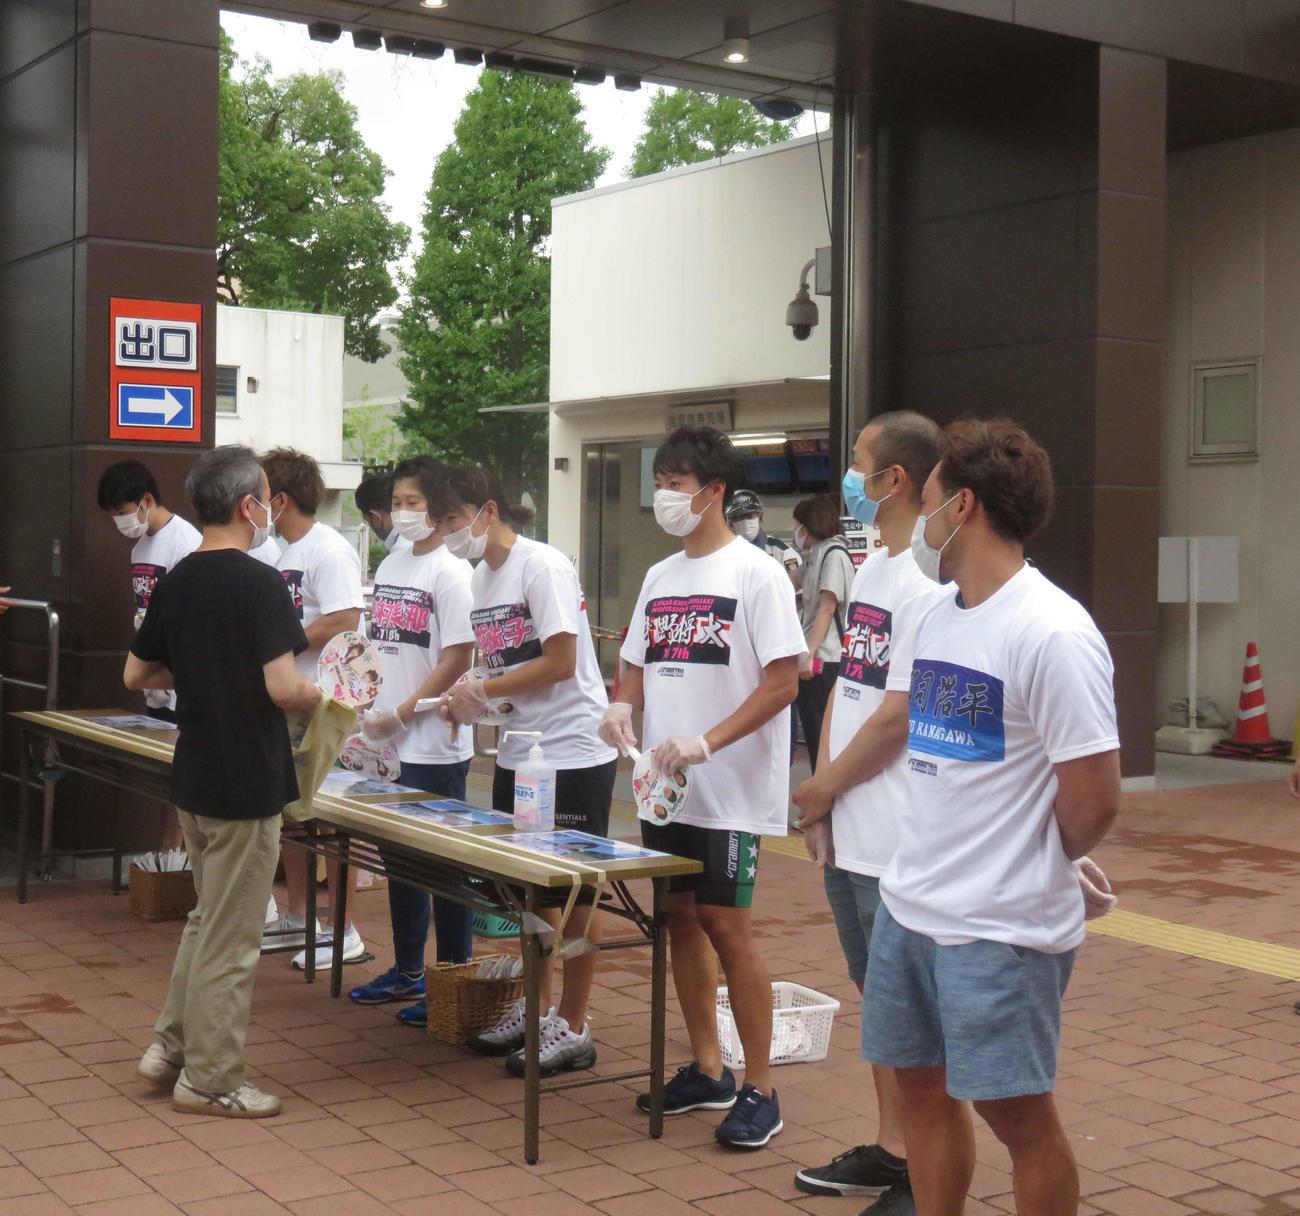 ファンを出迎える郡司浩平(右端)ら川崎所属選手